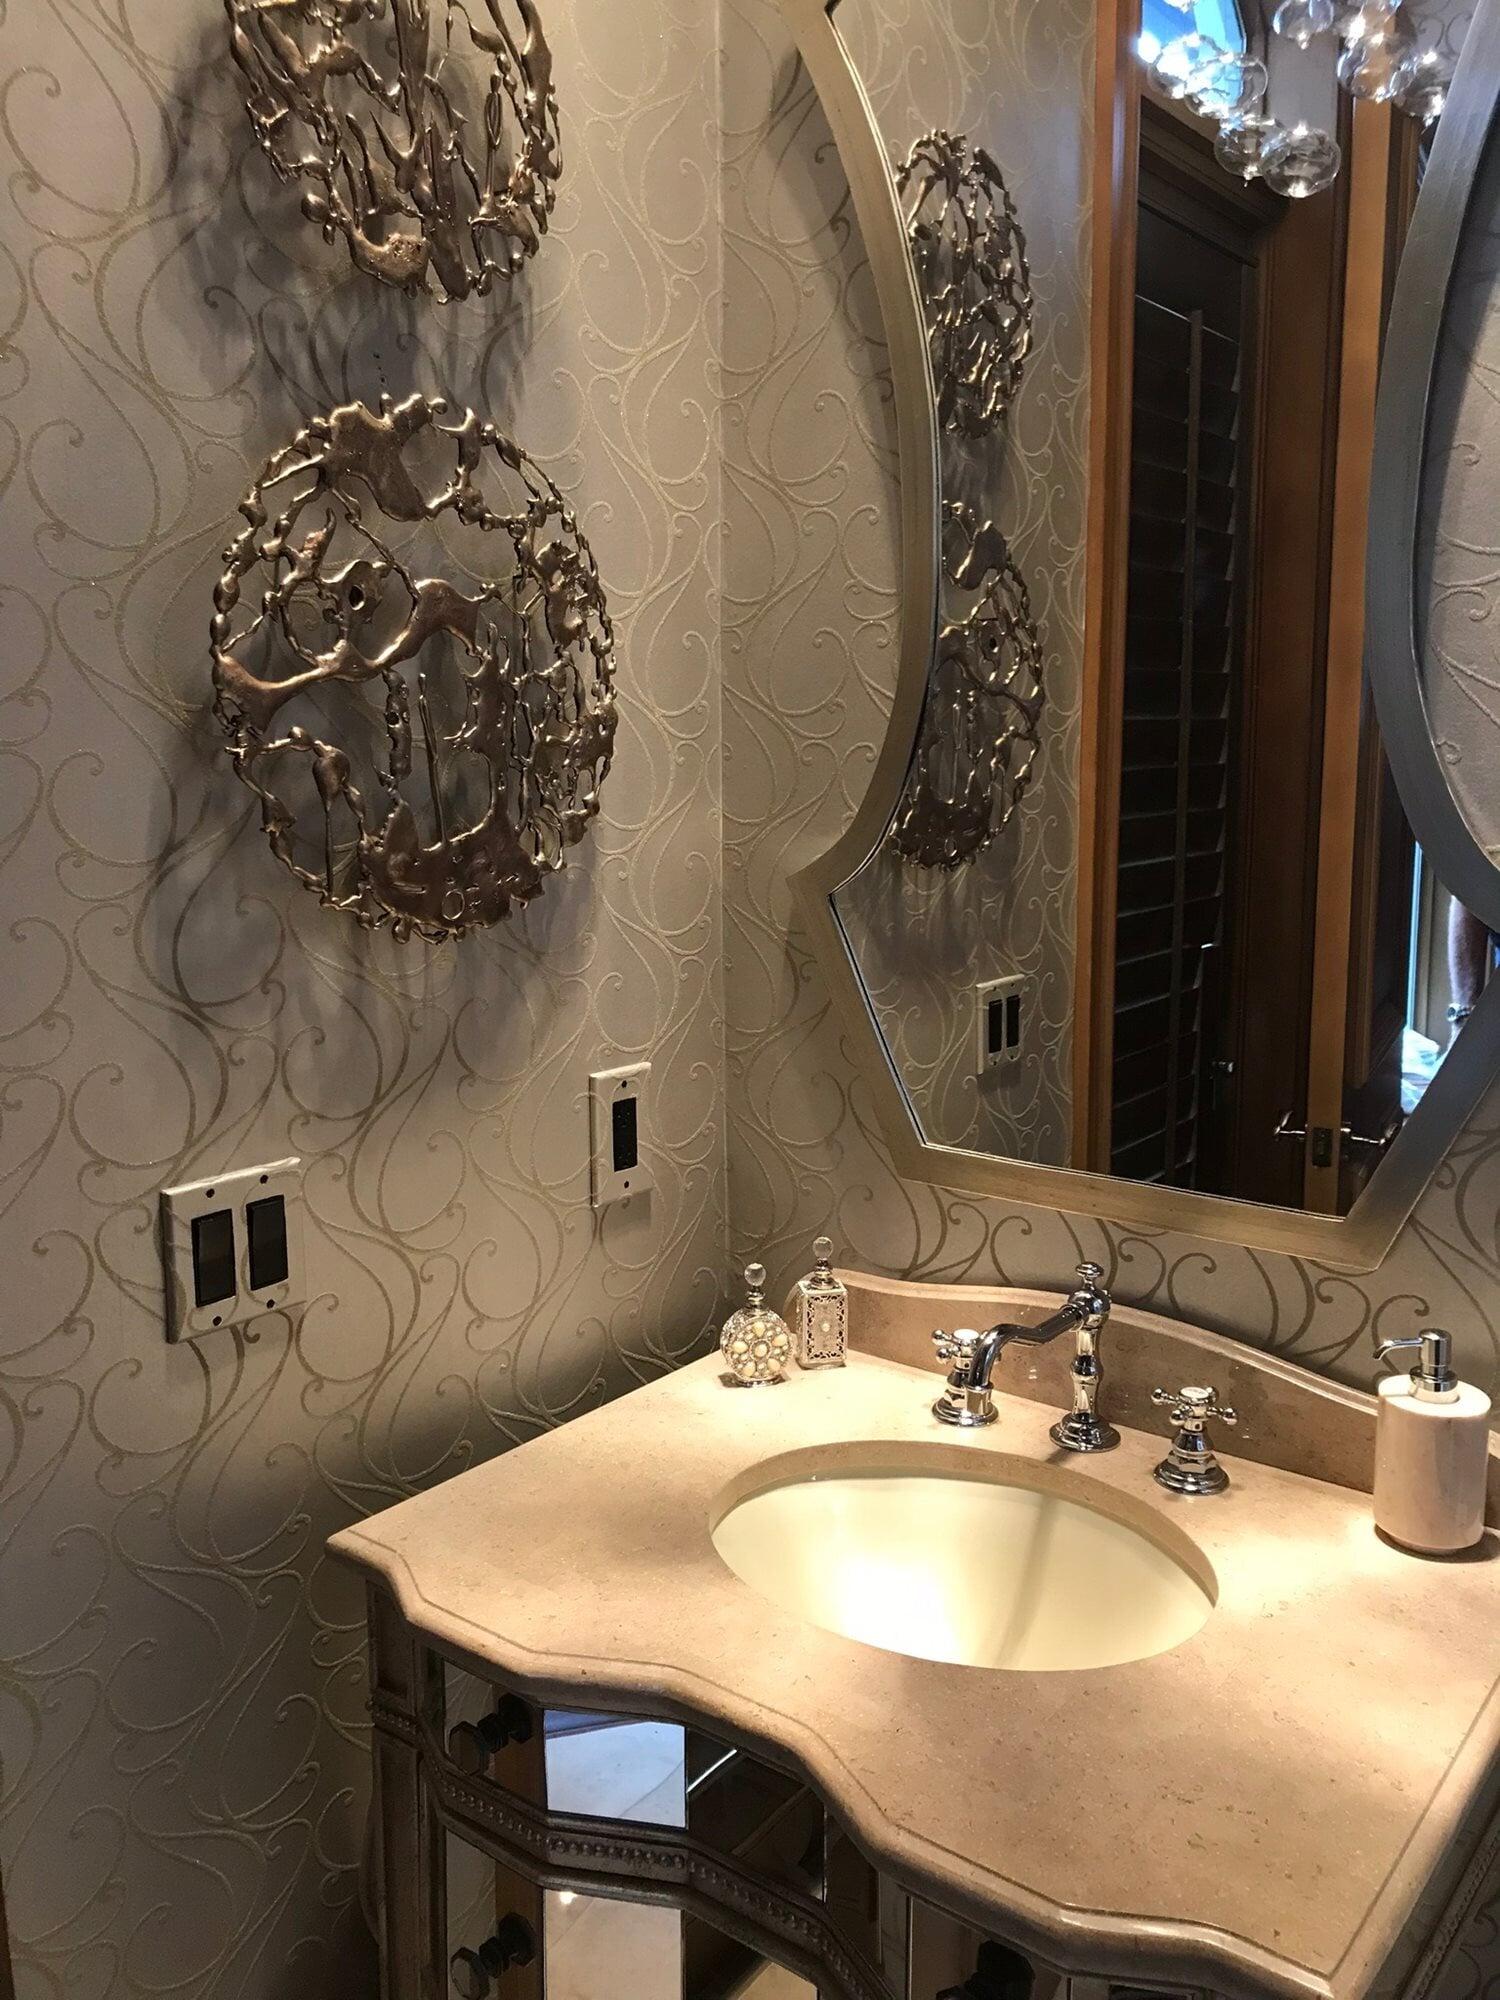 Ornate bathroom design in Jupiter, FL from Floors For You Kitchen & Bath